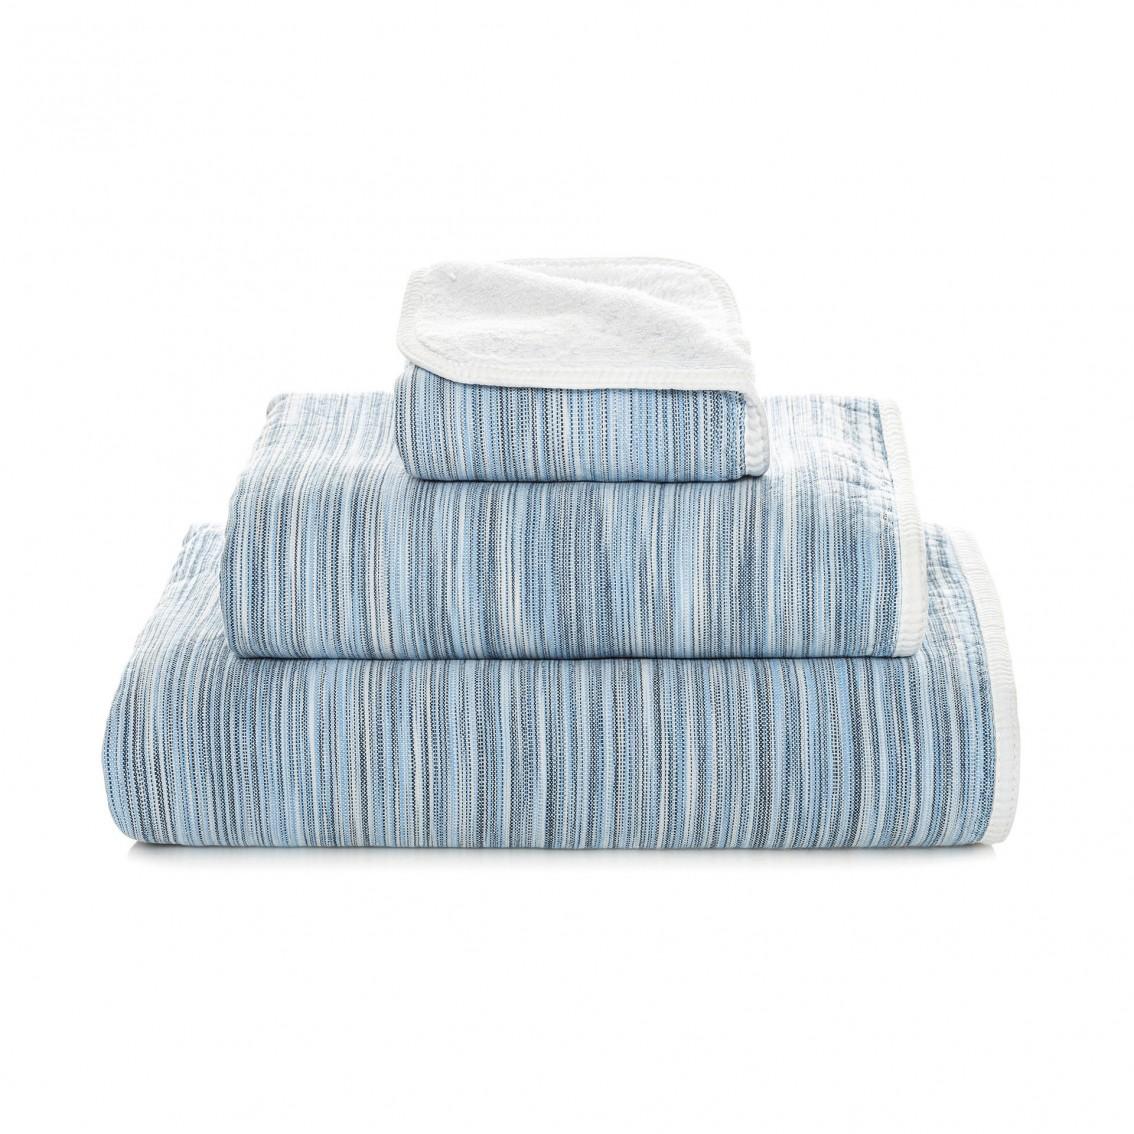 RANDOM TOWELS